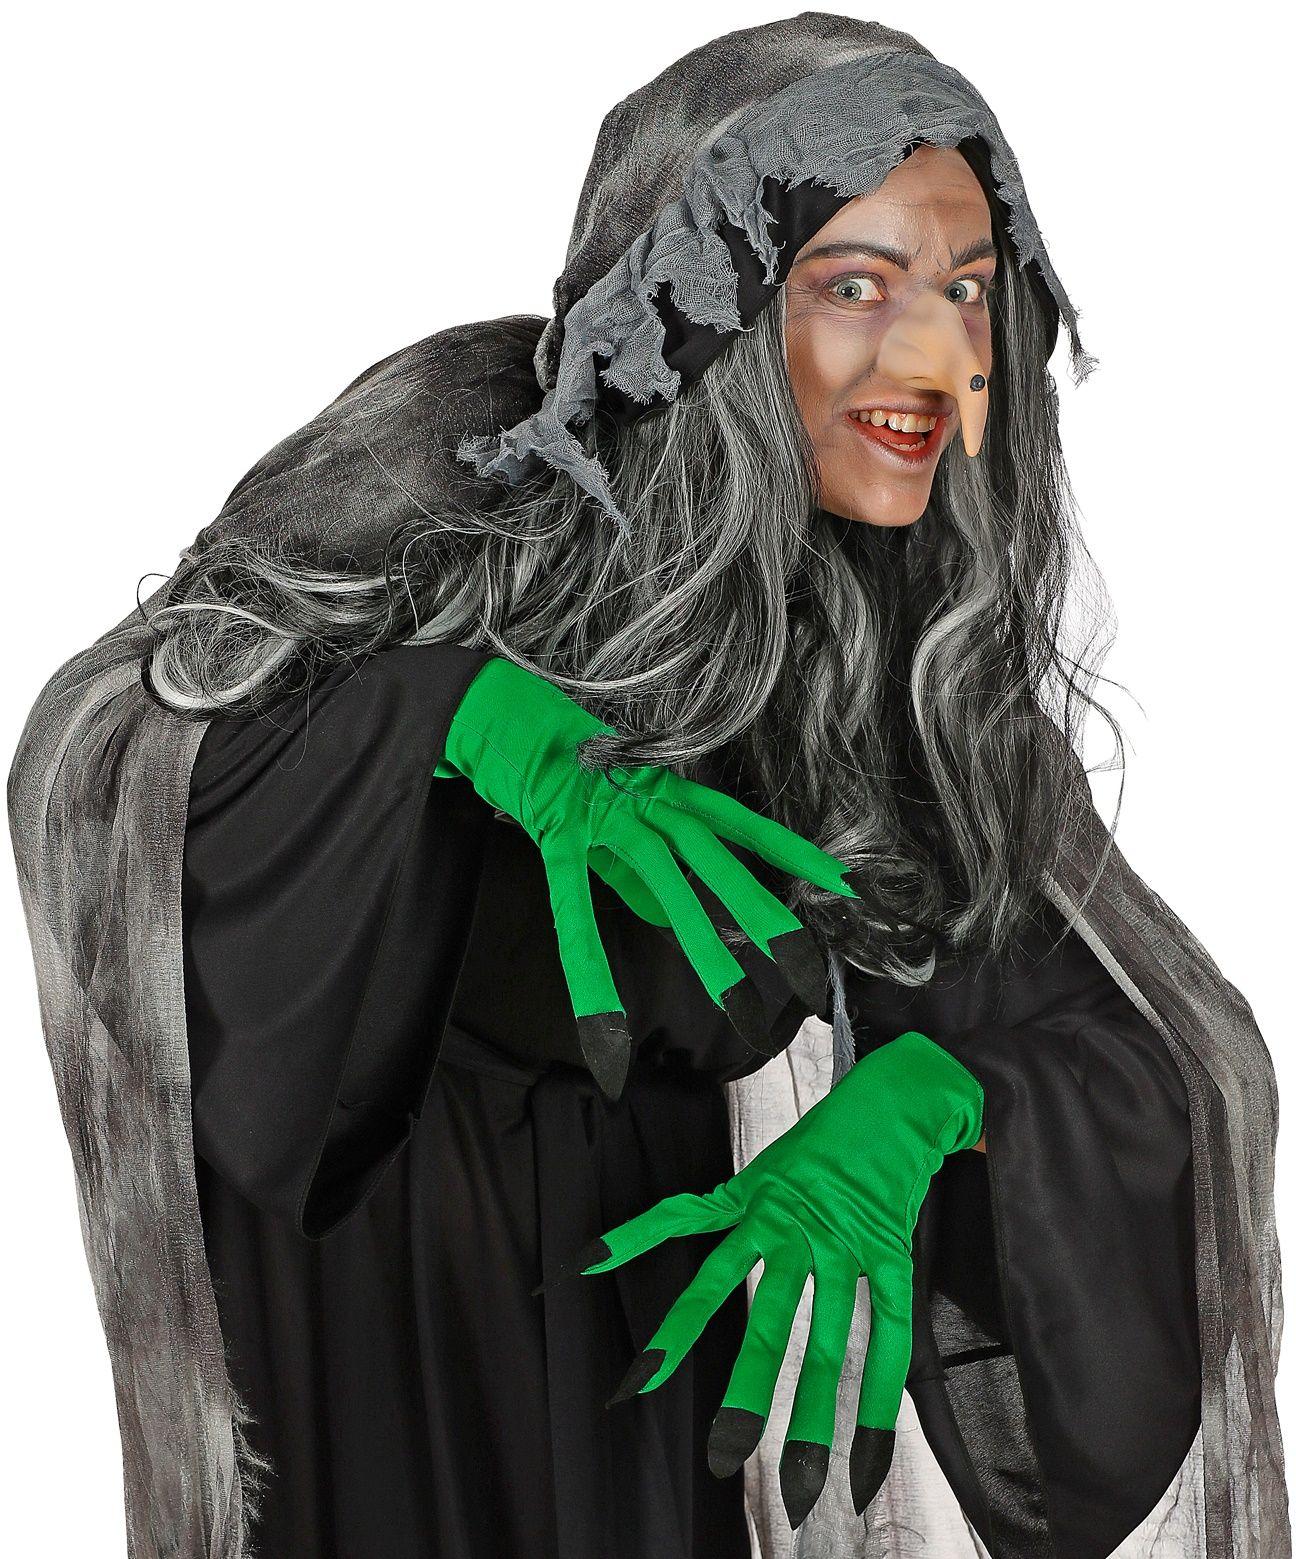 Heksen handschoenen